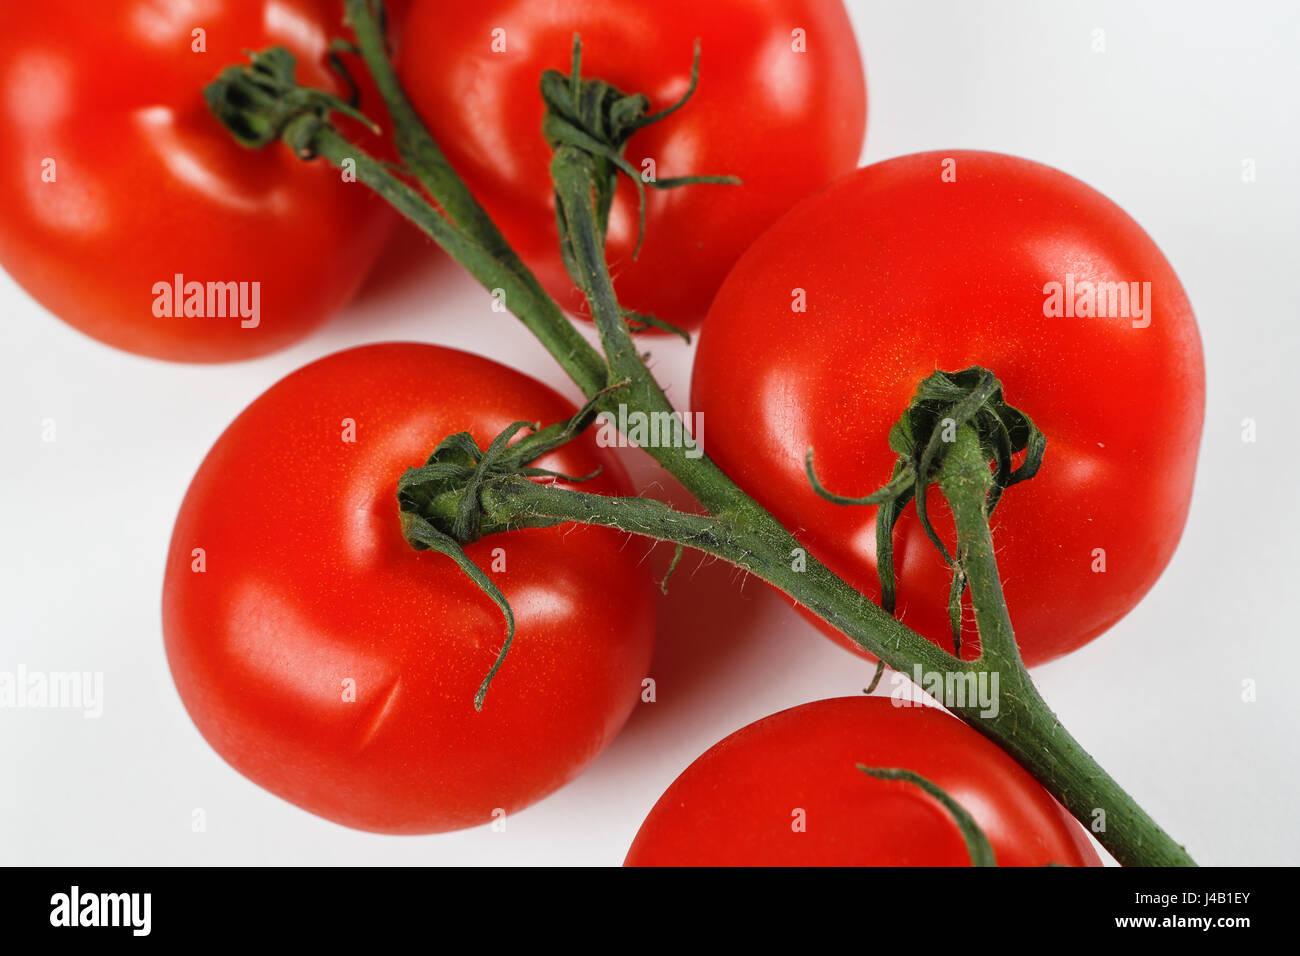 Pomodori biologici. Concetti di cibo. Pomodori. Illustrativa Foto Stock